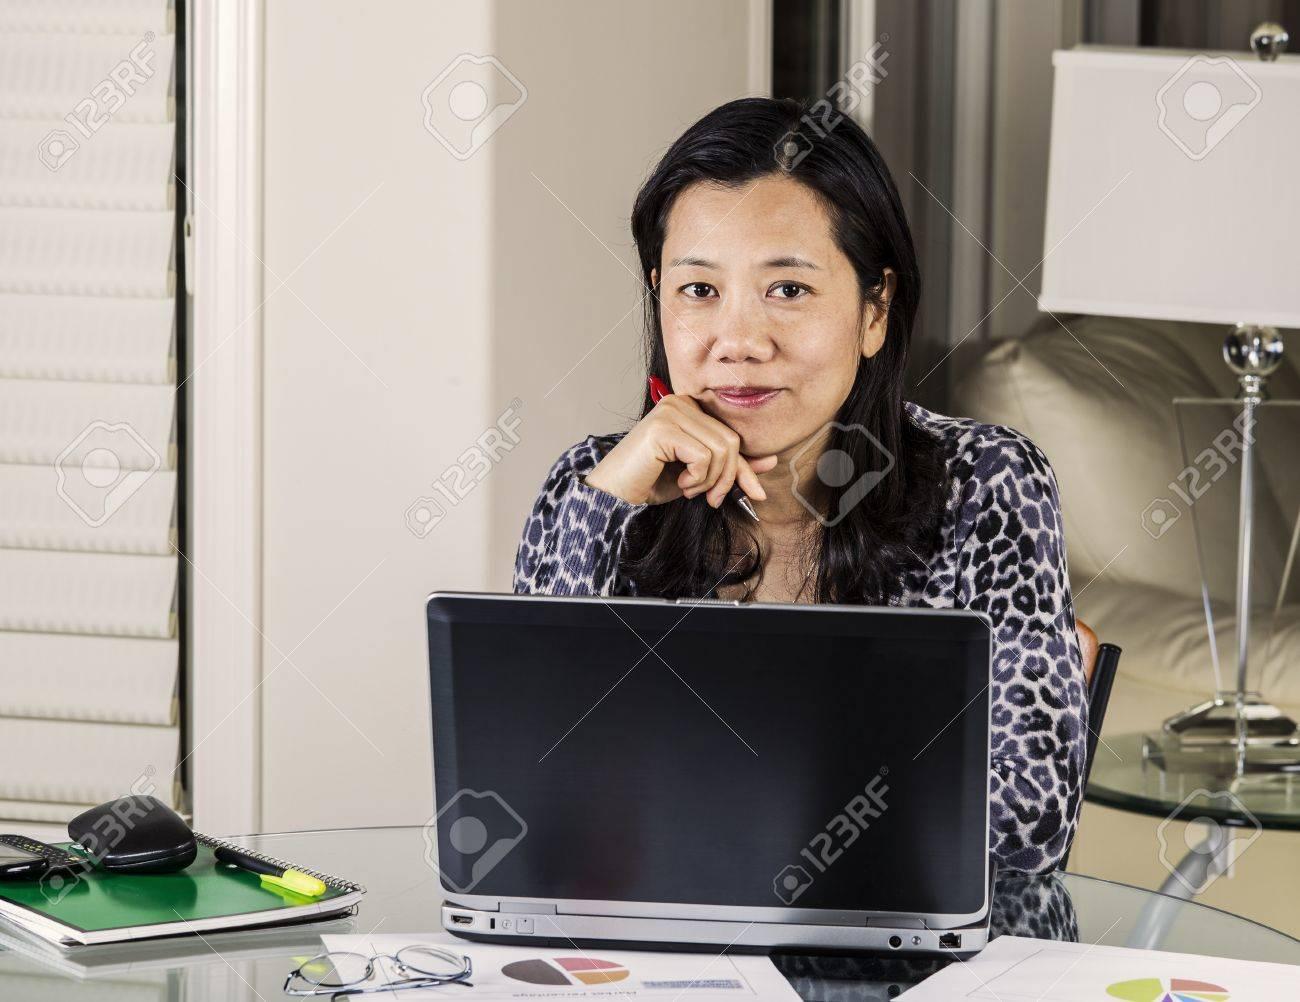 Las mujeres maduras sonrientes mientras trabajaba en la oficina en casa Foto de archivo - 15421148